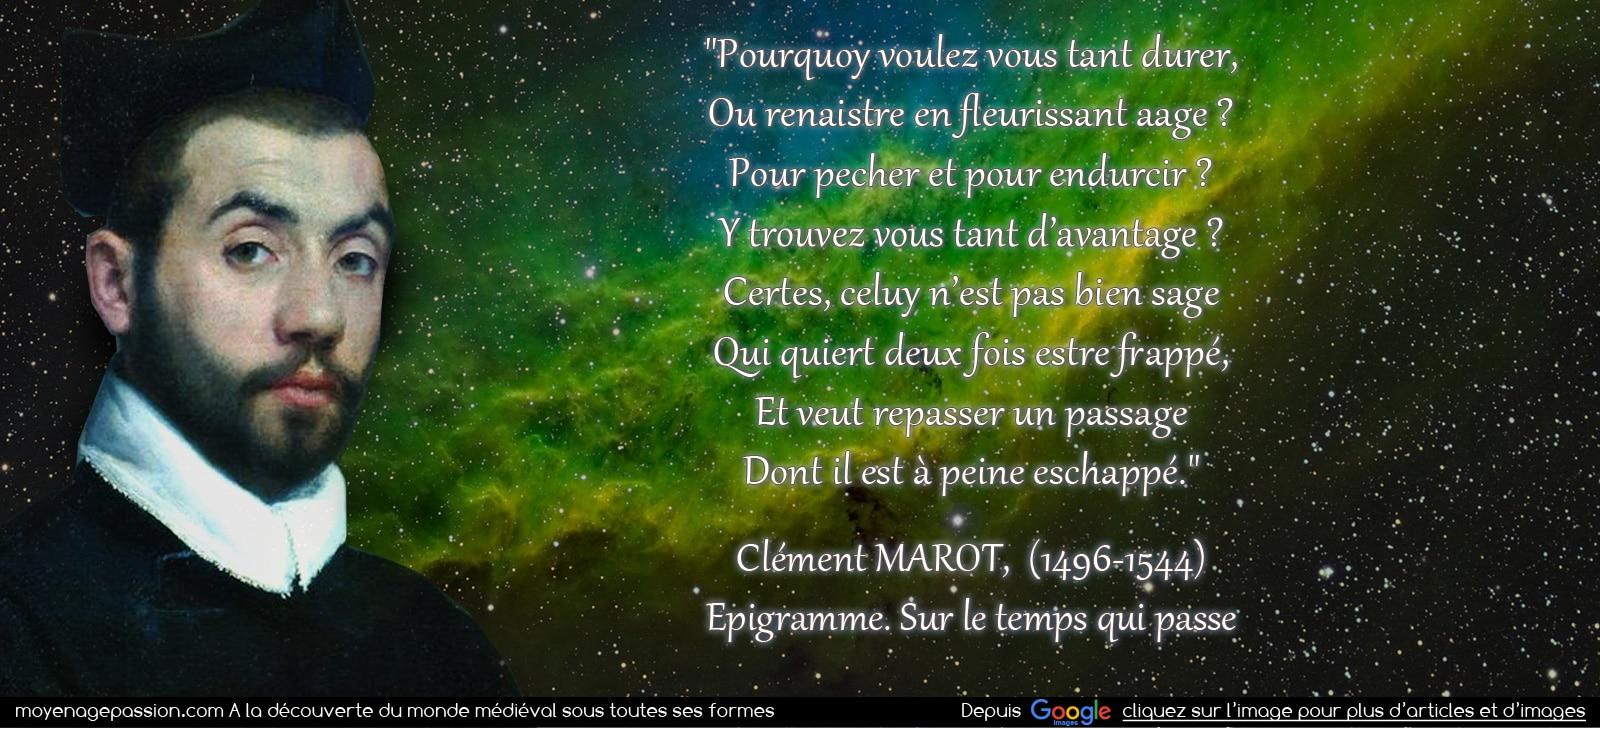 poesie_litterature_citation_medievale_epigramme_clement_marot_Cahors_moyen-age_tardif_renaissance